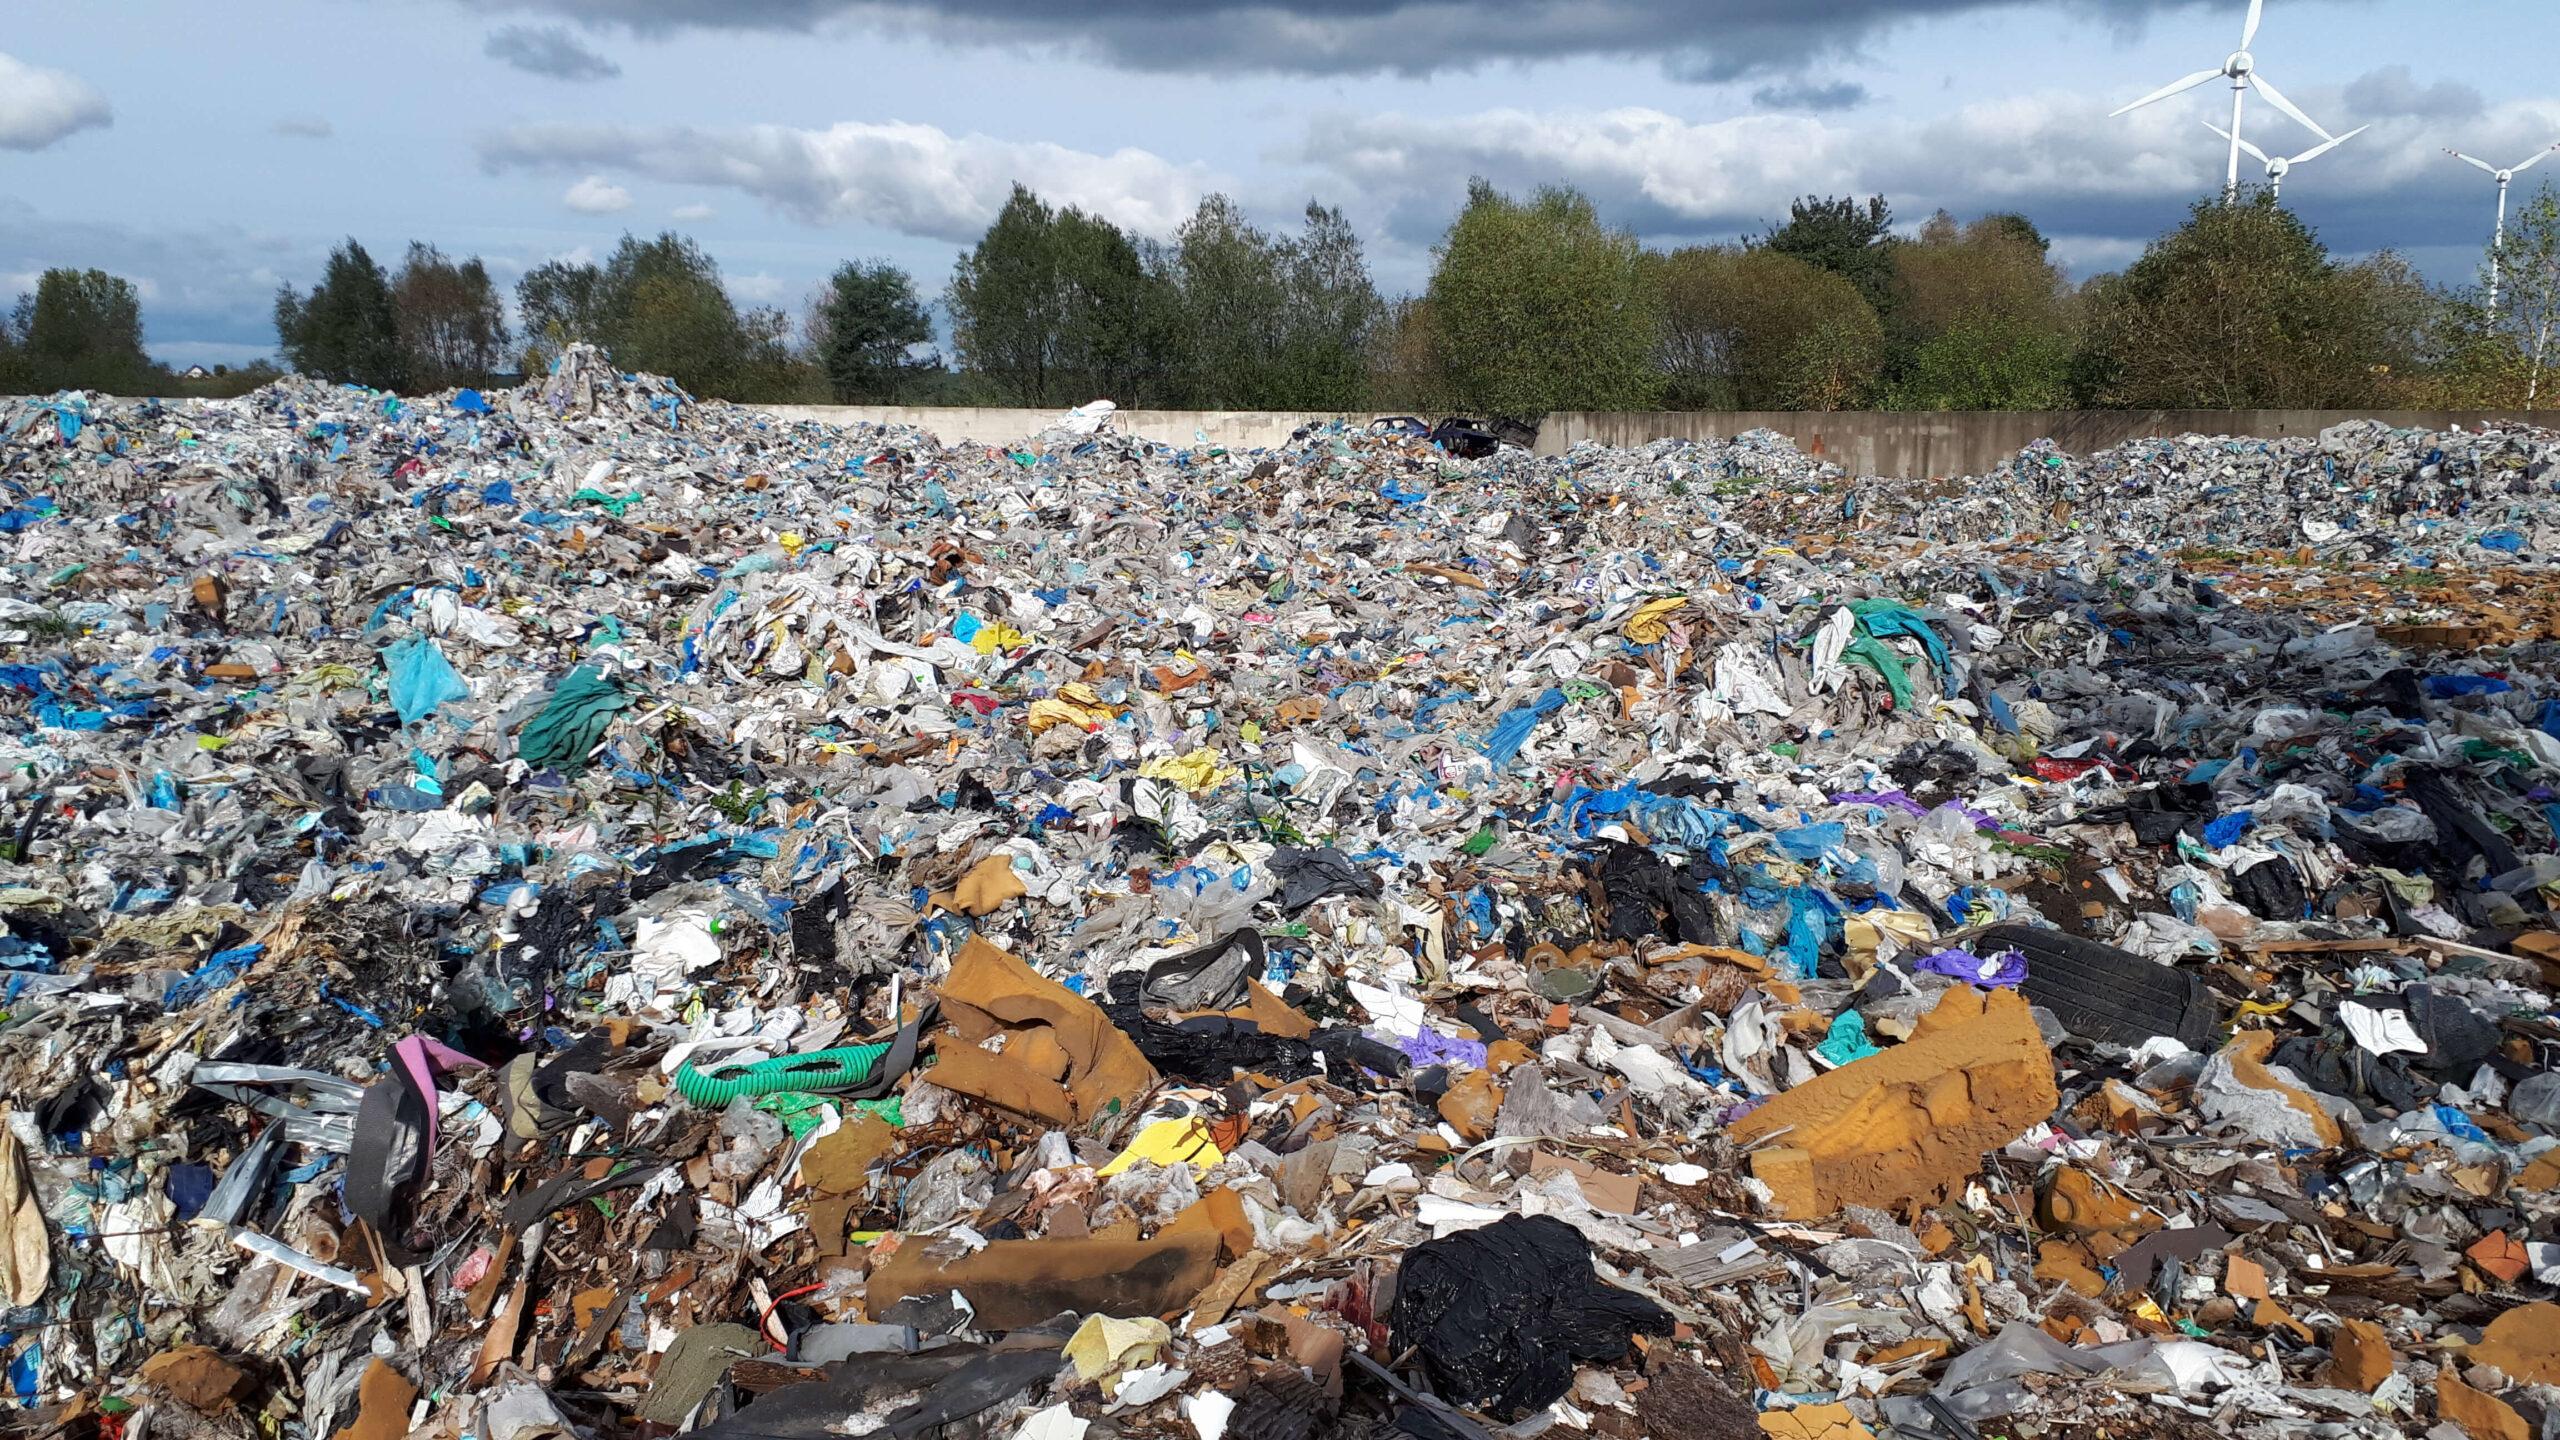 Kolejne czynności WIOŚ w związku z ujawnieniem zakopywania odpadów